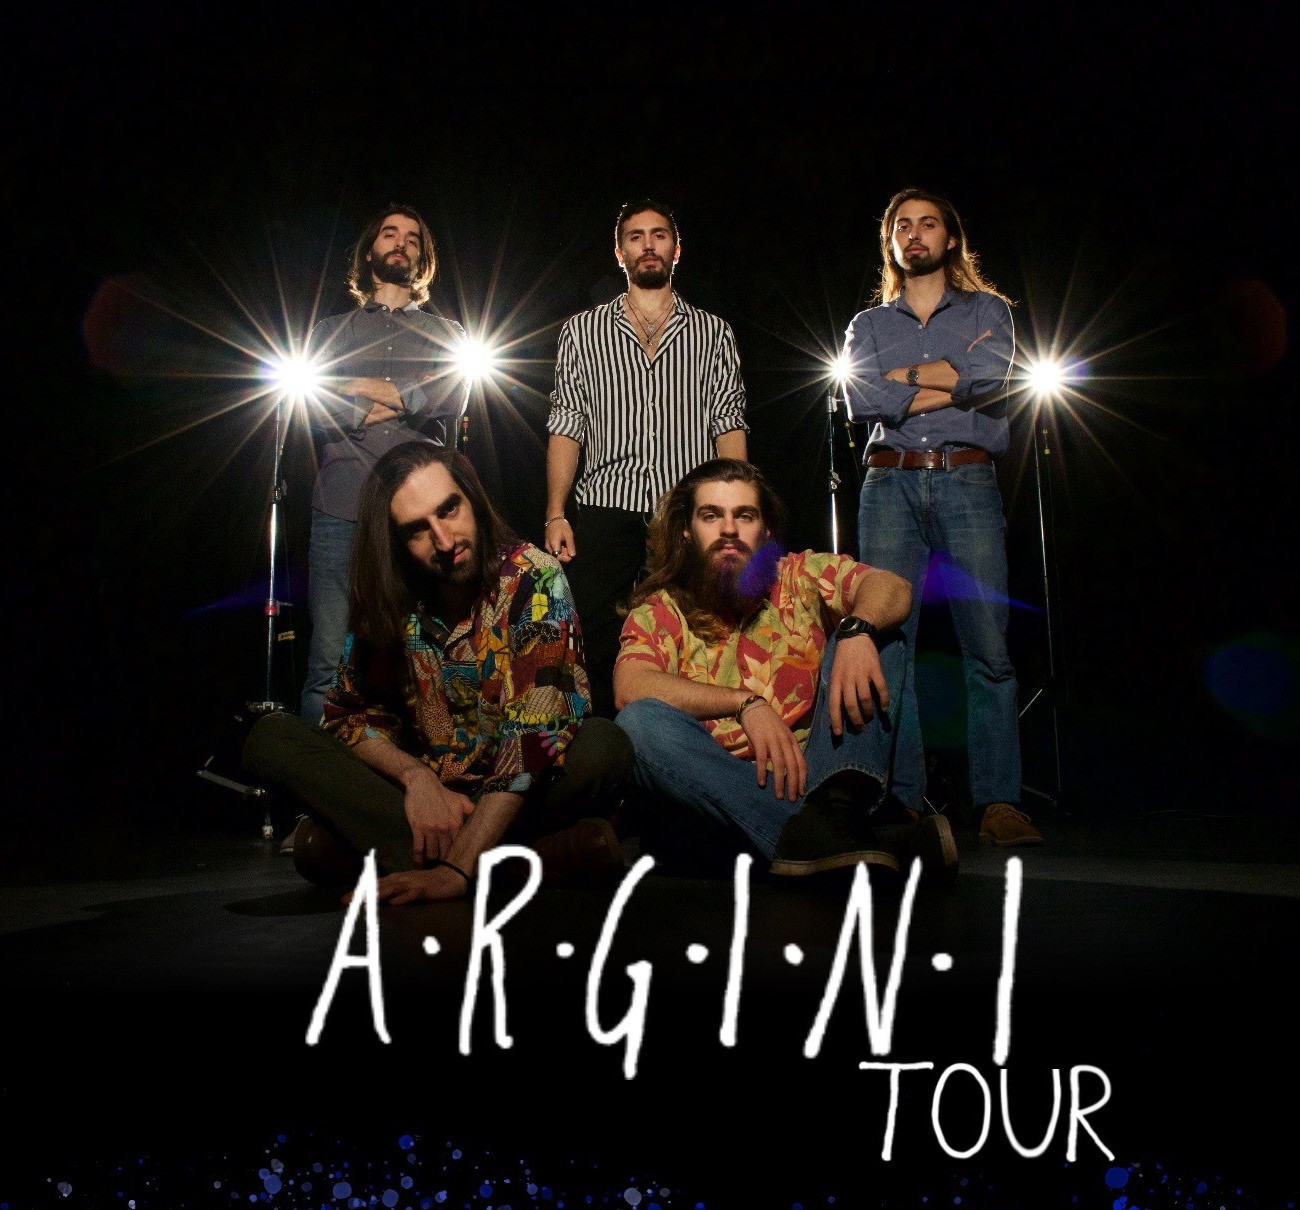 argini tour